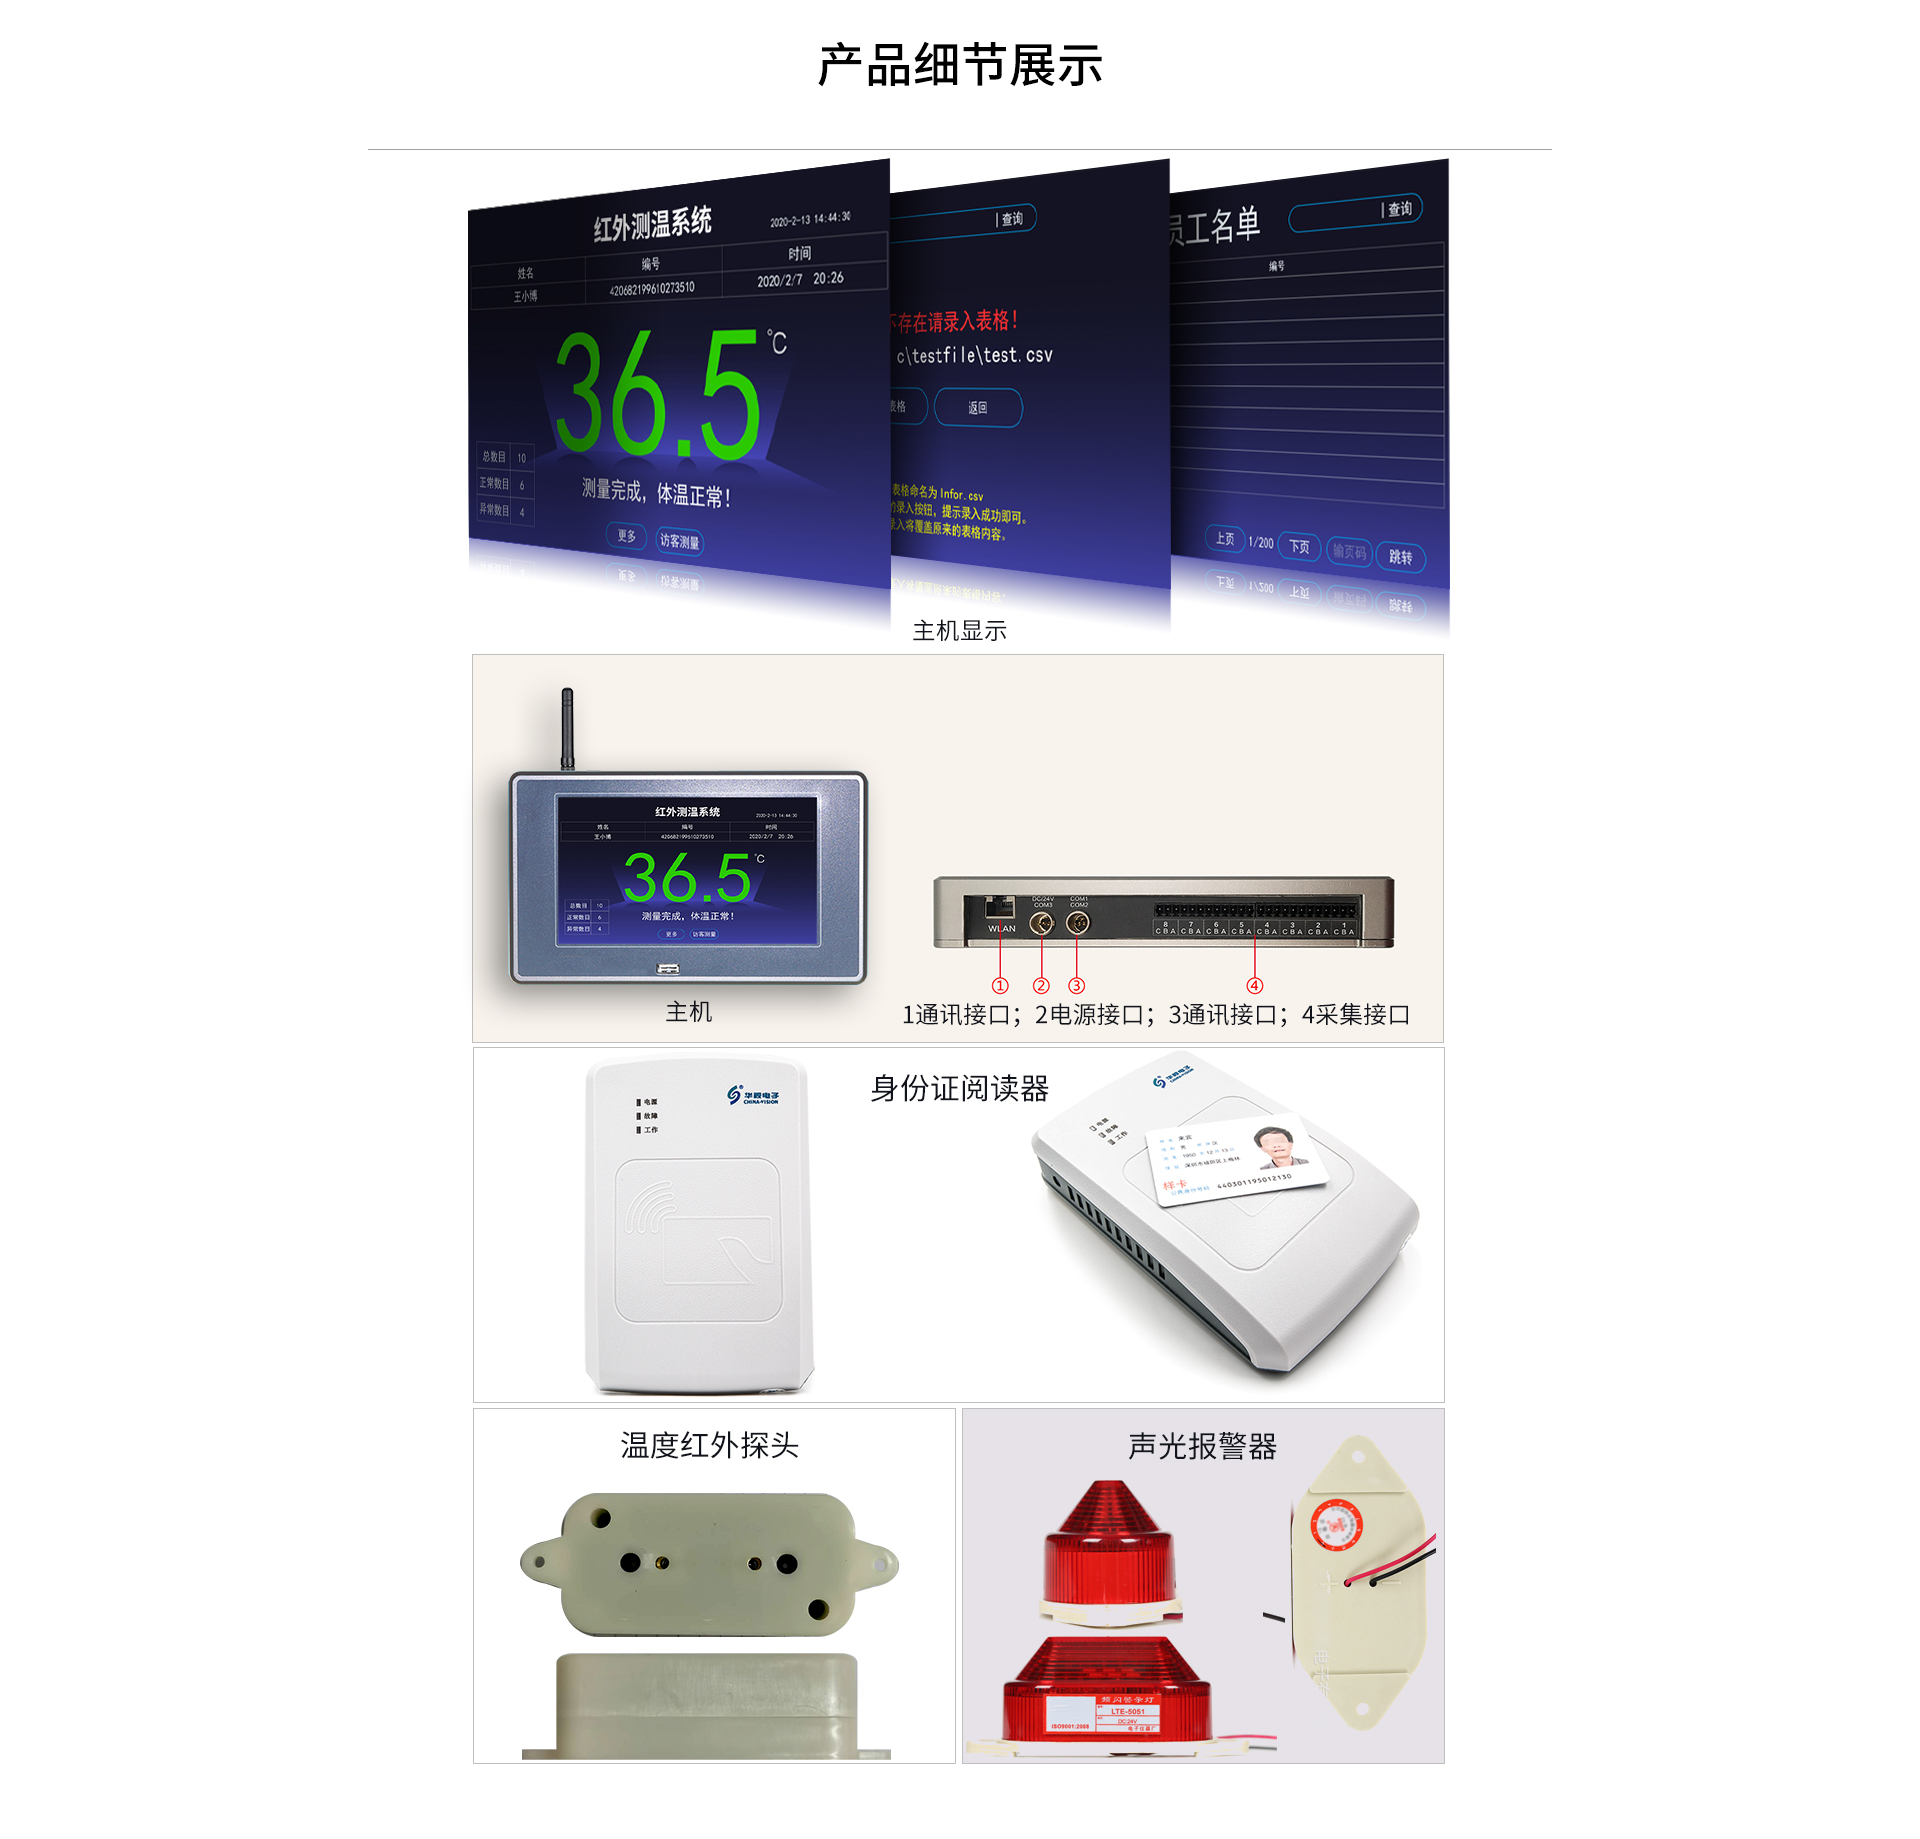 紅外溫度傳感器